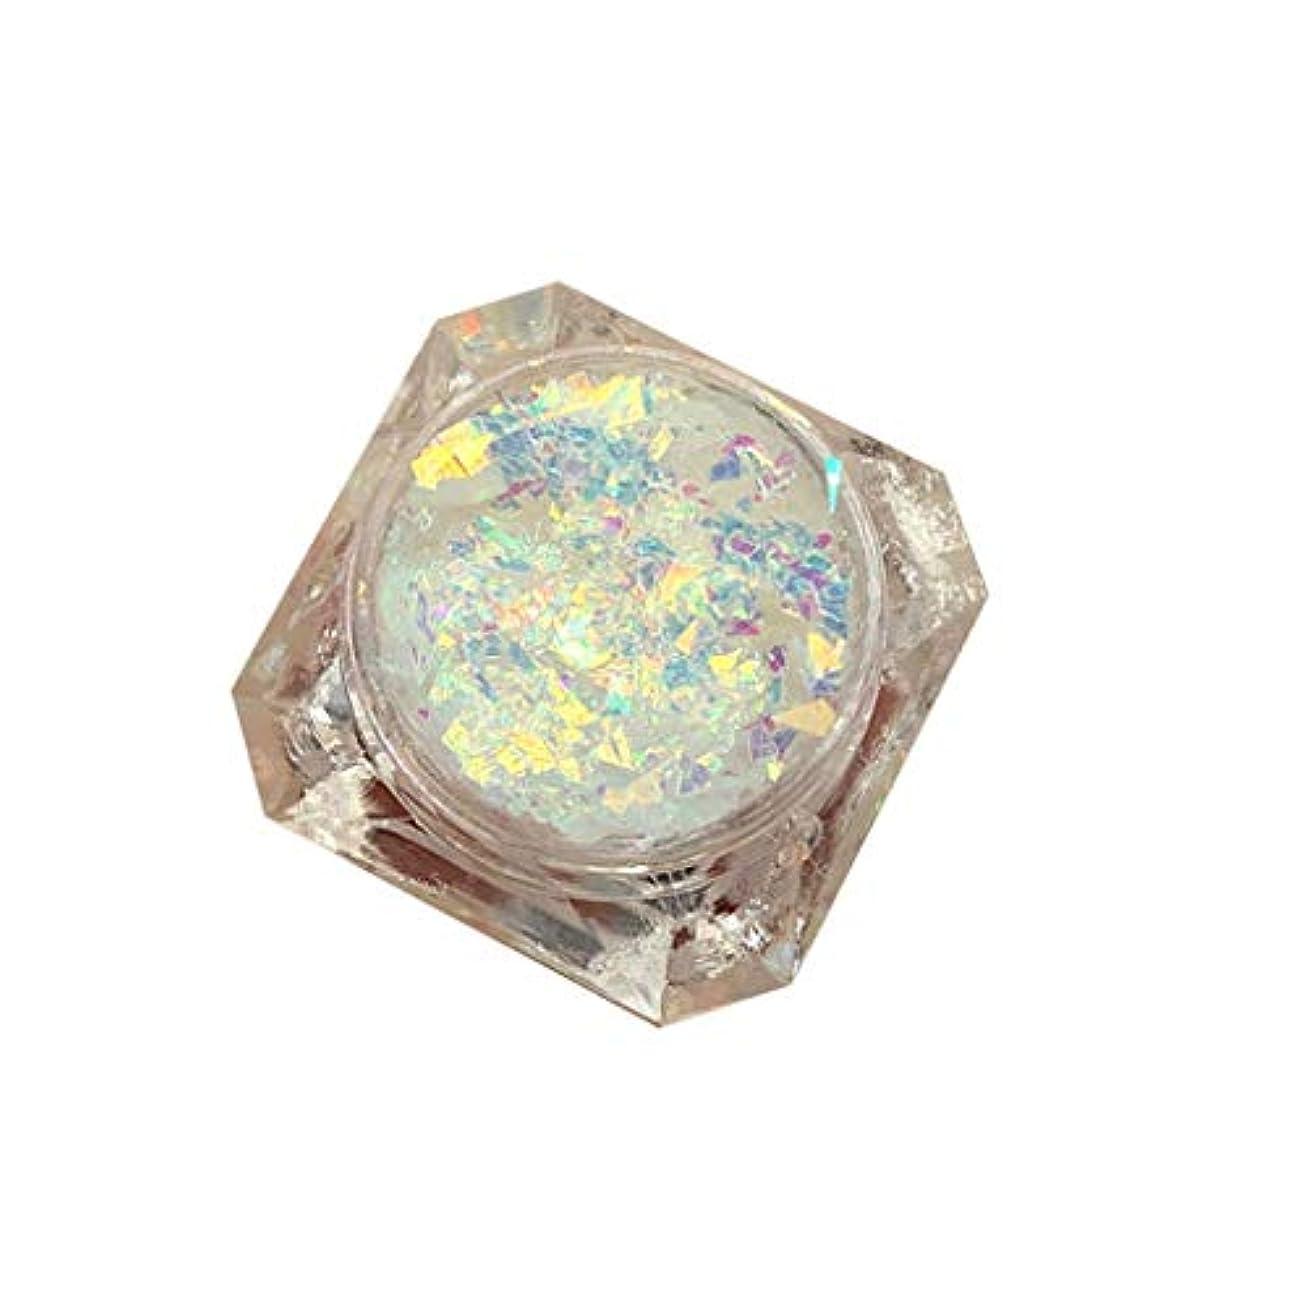 手上がるスペースGOOD lask 接着剤フリーのスパンコール混合ゲルジェルクリーム真珠光沢のある高光沢グリッターグリッターアイパウダールースパウダージェルシャドウセット (N)